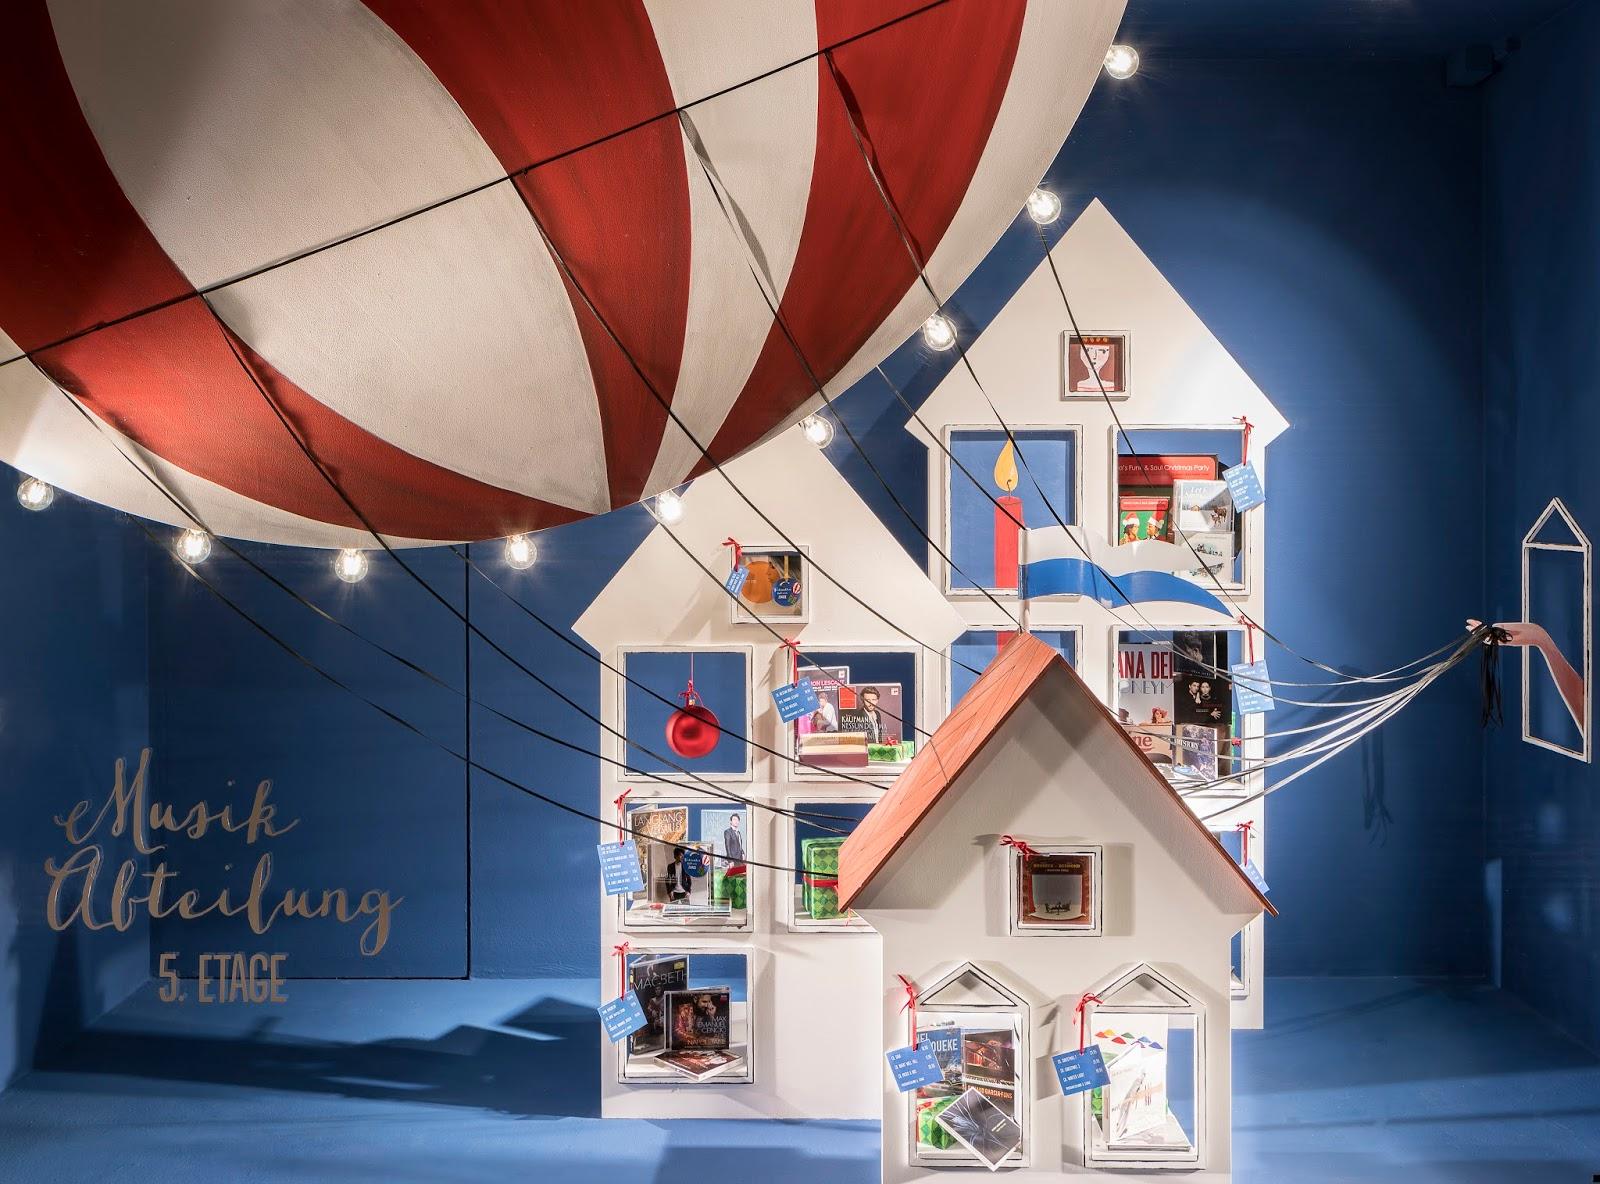 Astounding Schaufensterdekoration Beispiele Dekoration Von Foto: We Love Pr